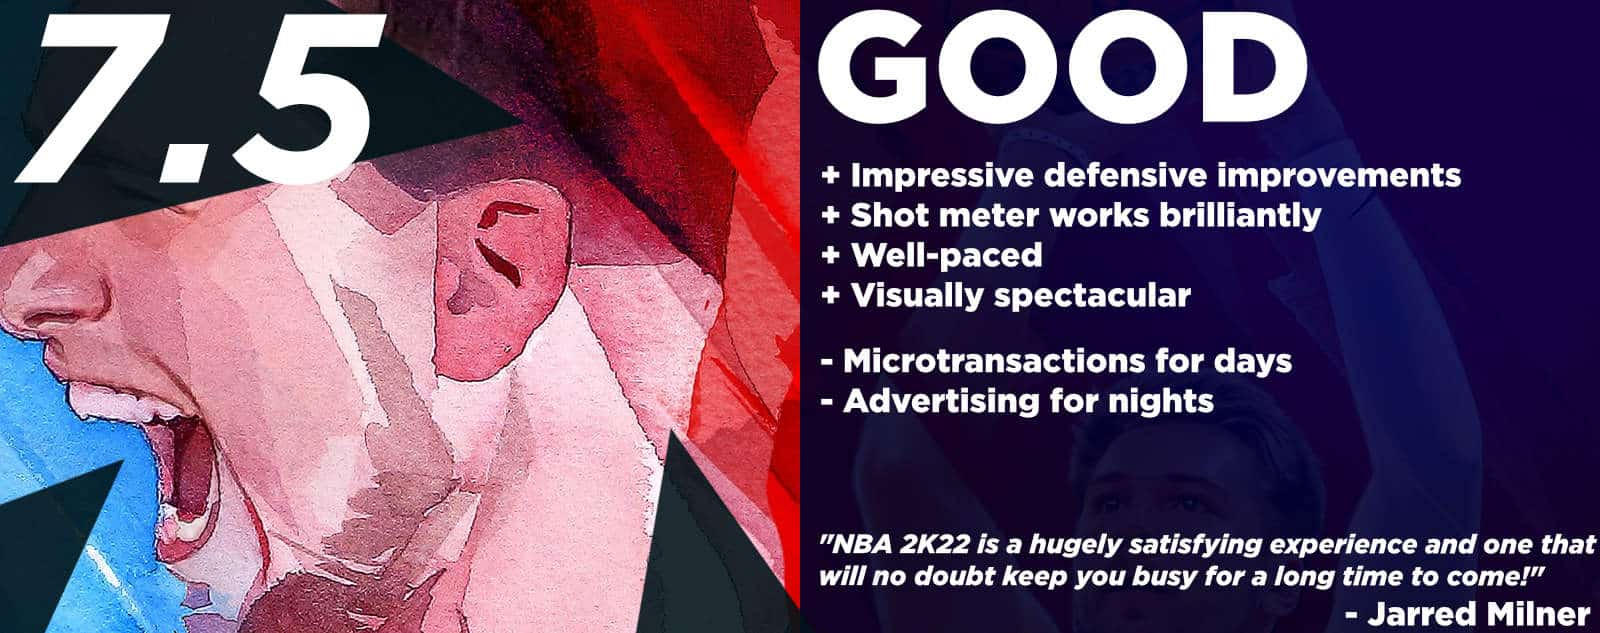 NBA 2K22 Review